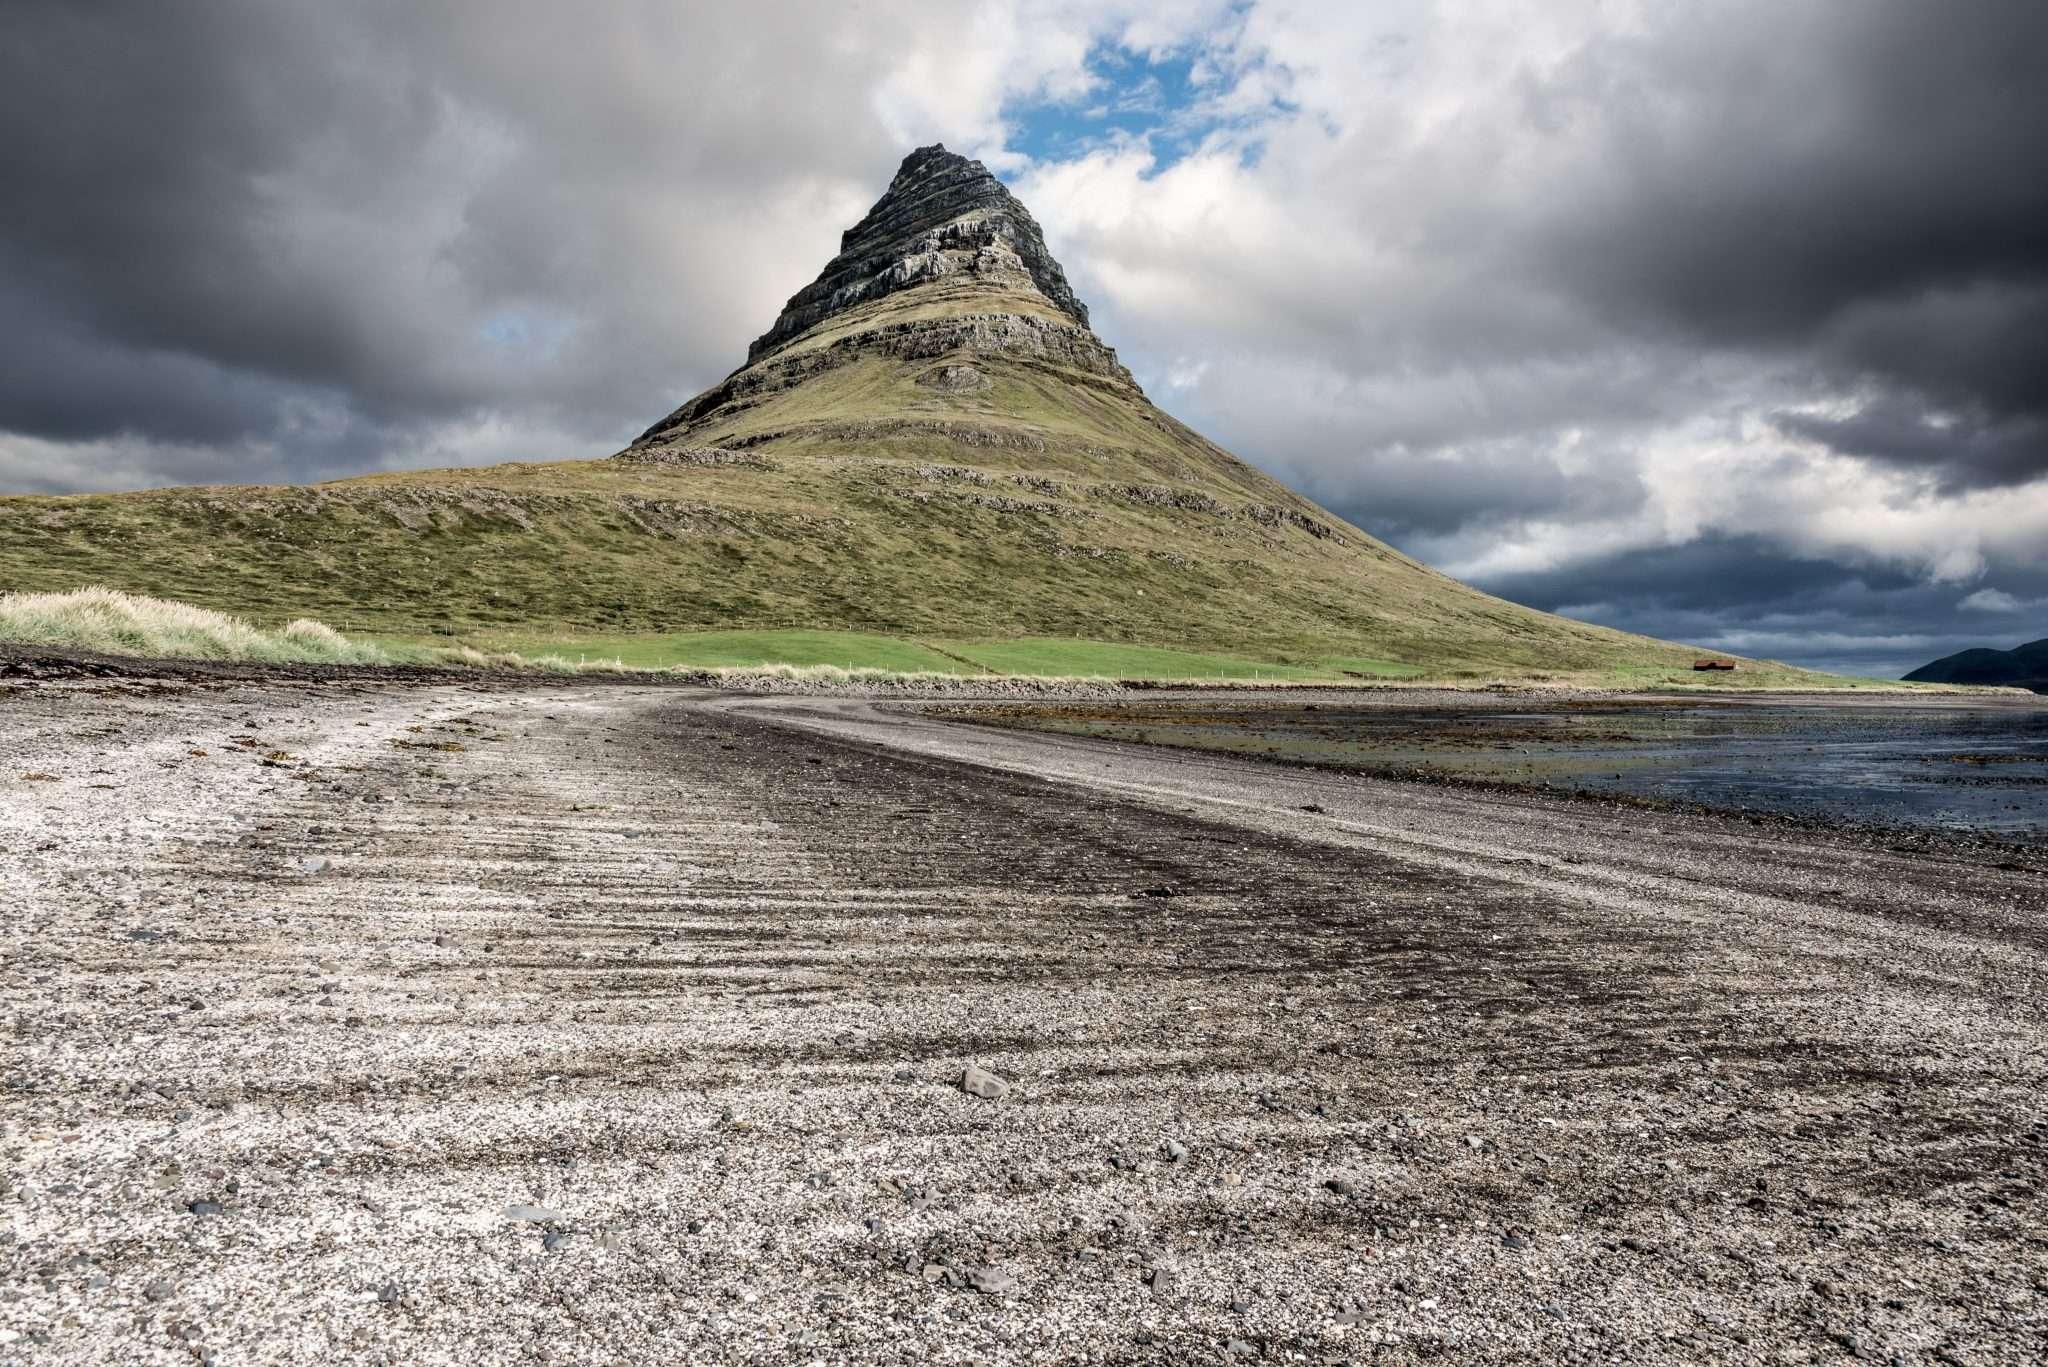 Fotografia paesaggio Islanda monte cono realizzata da Barbara Trincone, fotografa professionista paesaggista e di reportage con studio privato a Pozzuoli Napoli